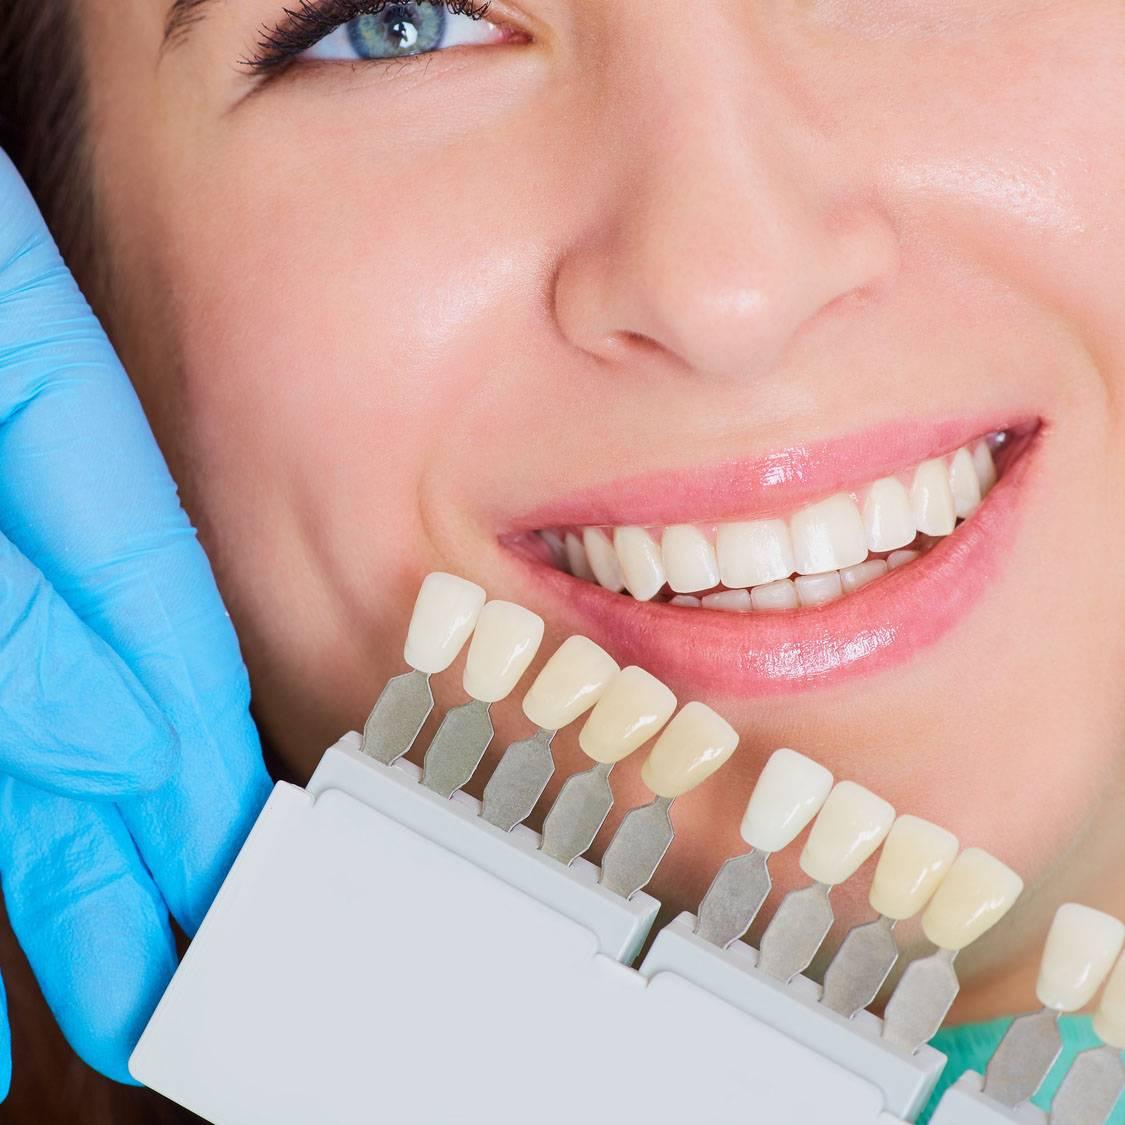 Безопасно ли делать отбеливание зубов в стоматологии. разбираемся, как не нанести вред своему здоровью